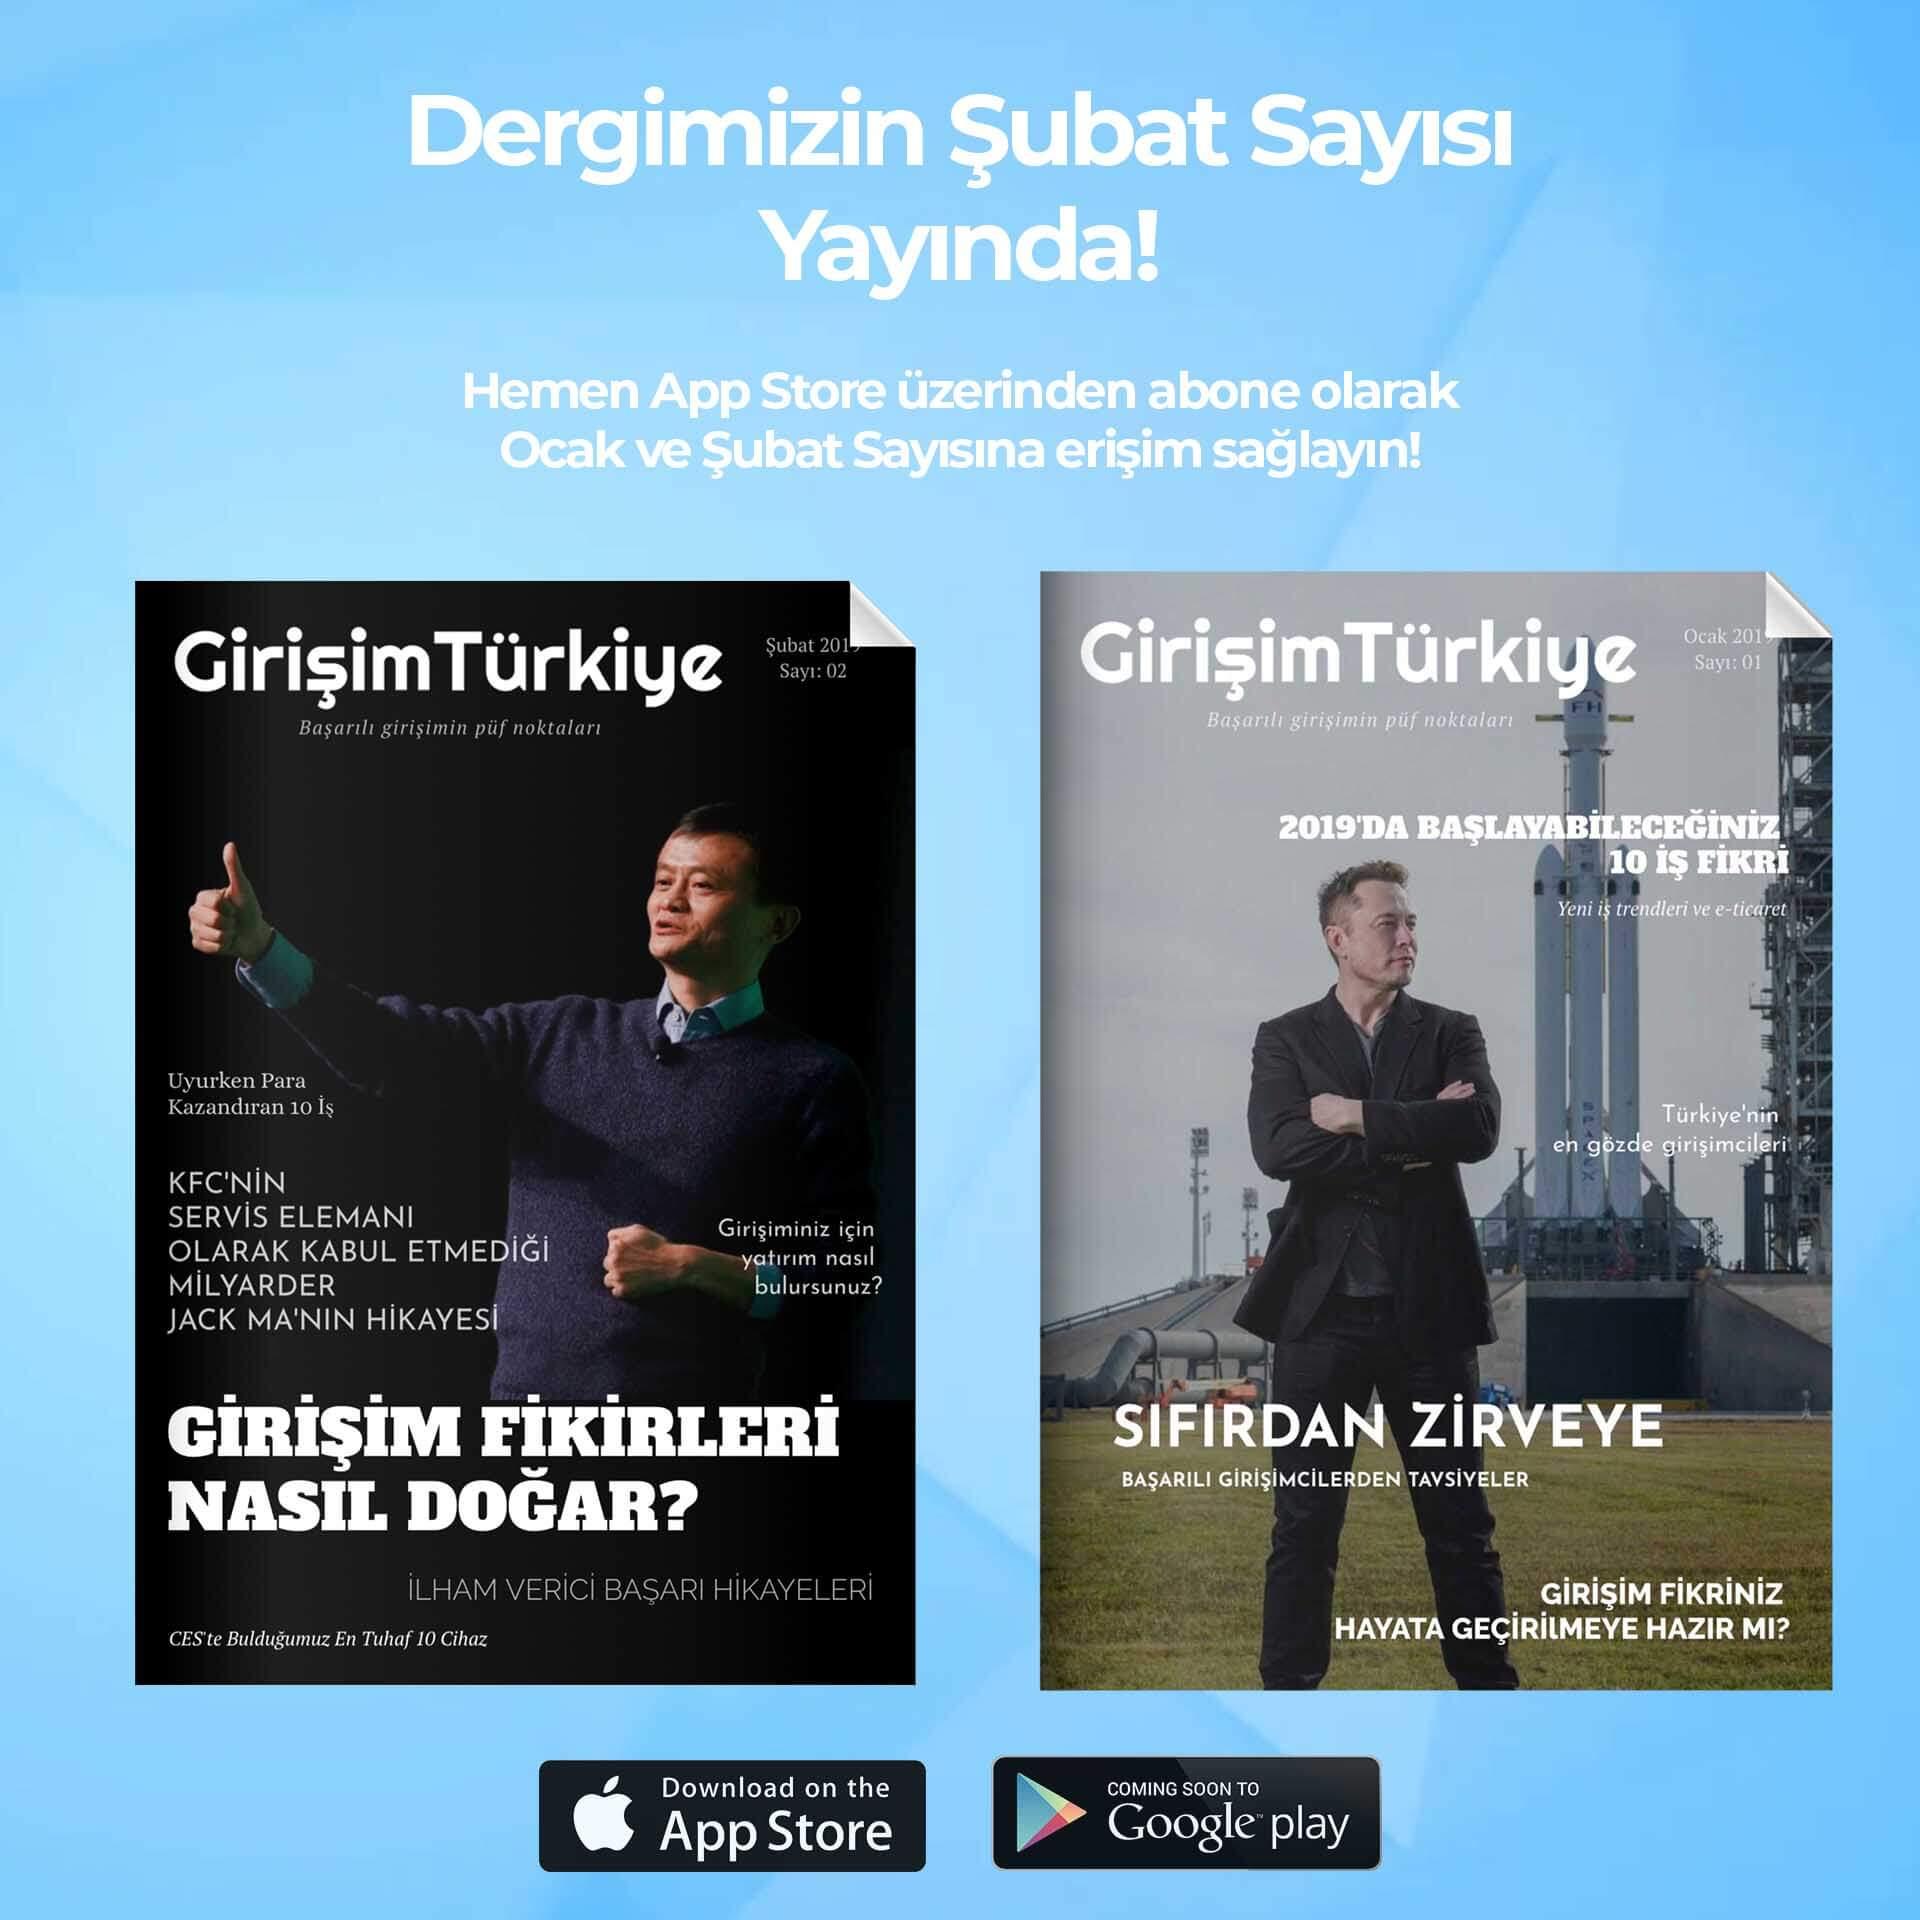 Aylık Girişim Türkiye Dergisi: Girişimciler İçin En İyi İçerikler